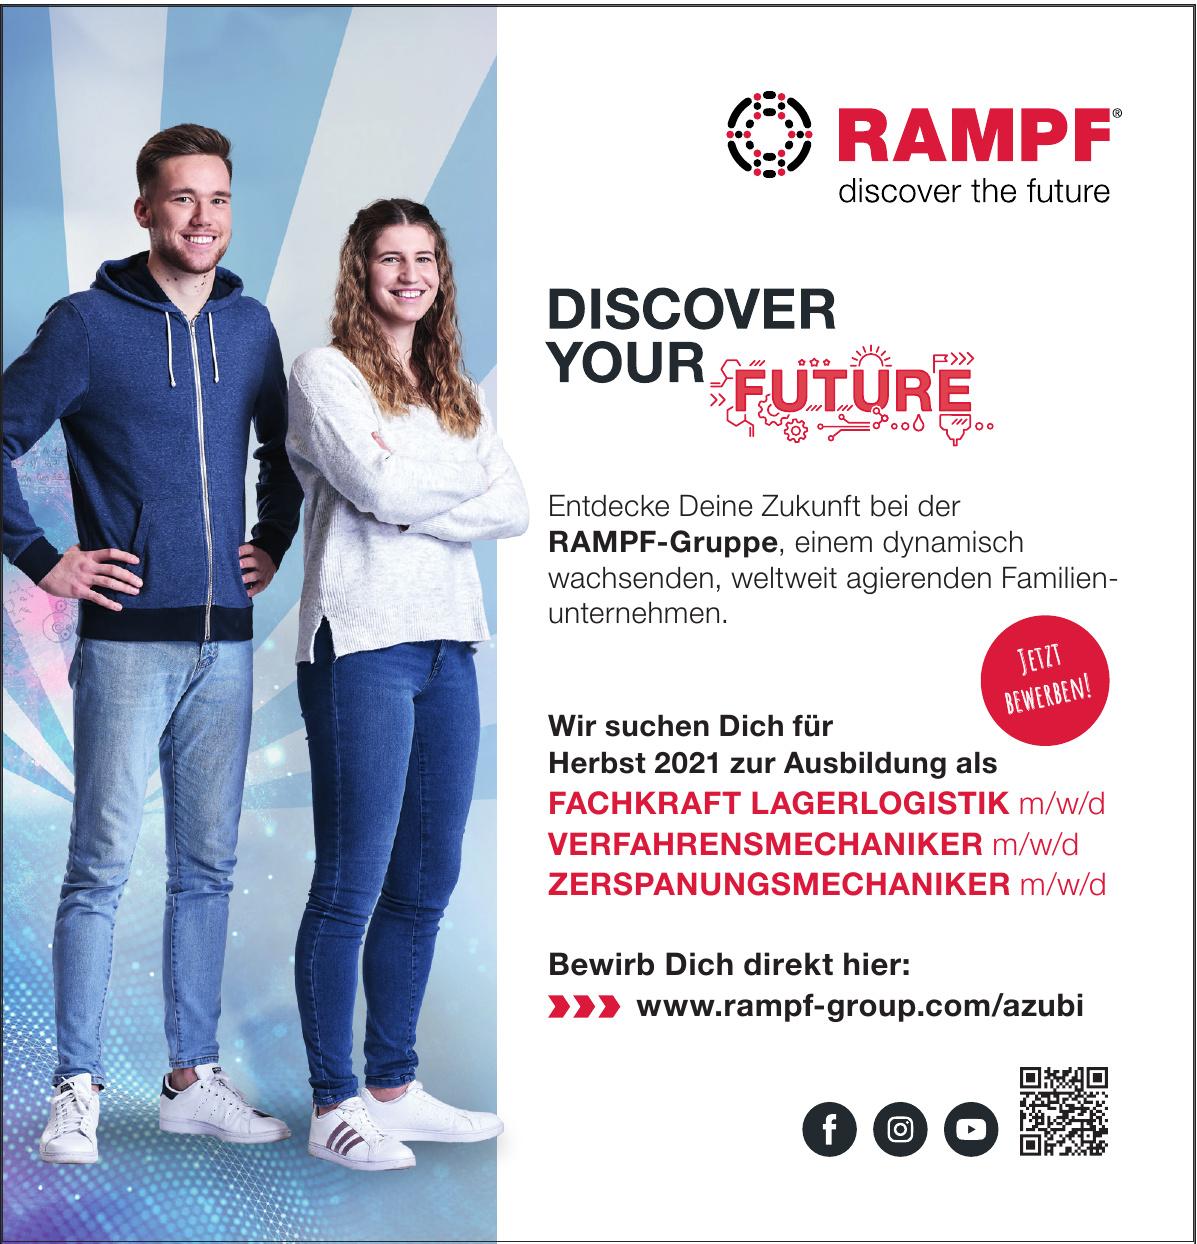 RAMPF-Gruppe